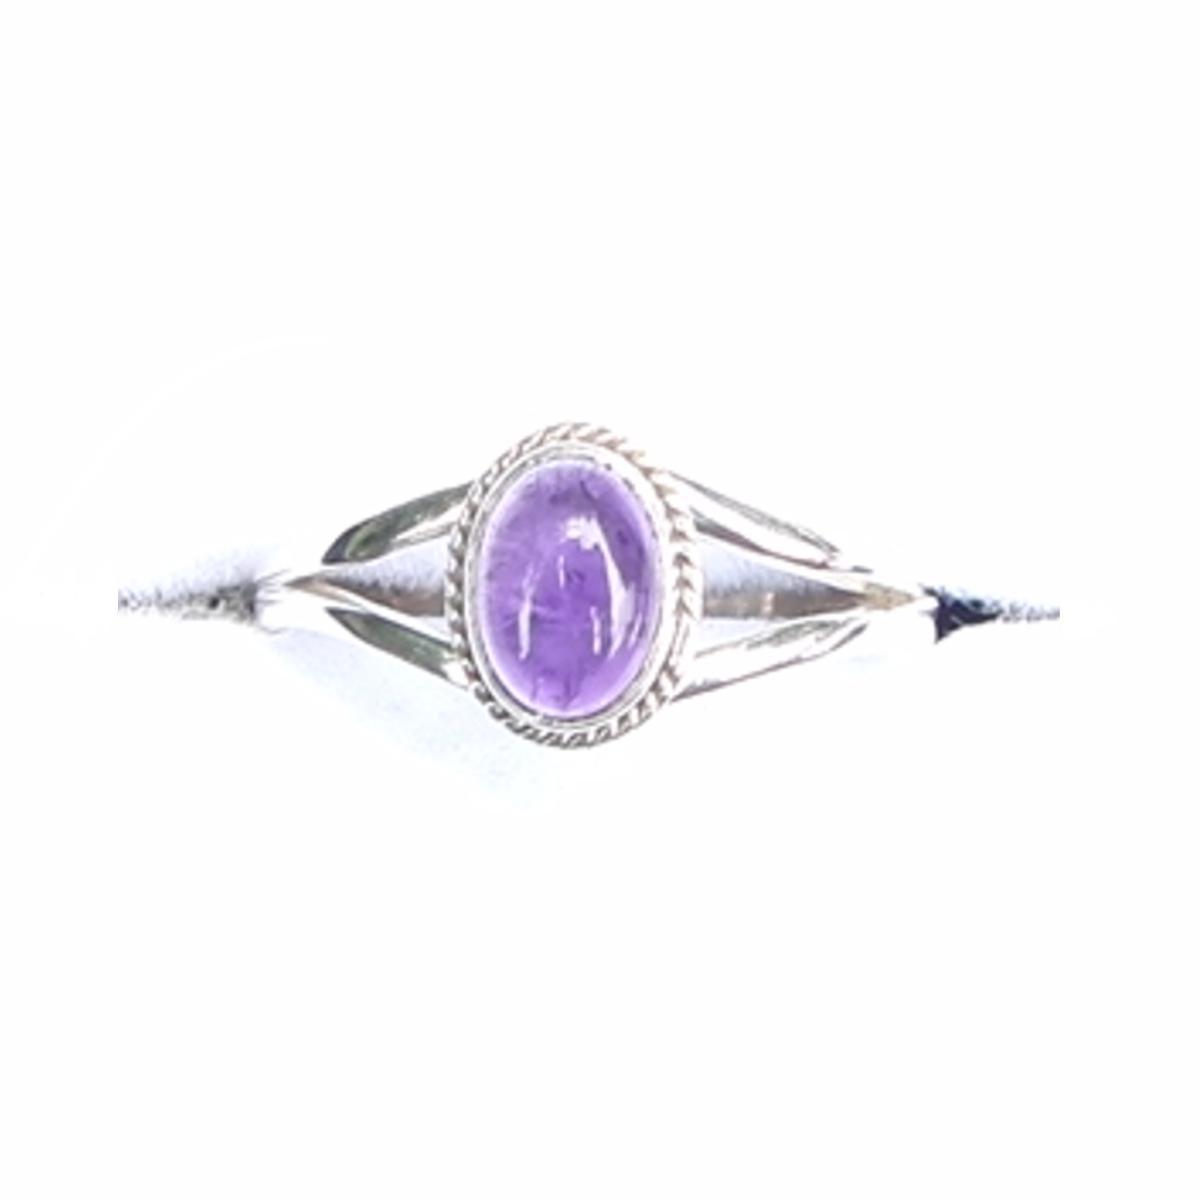 Amethyst Dainty Ring